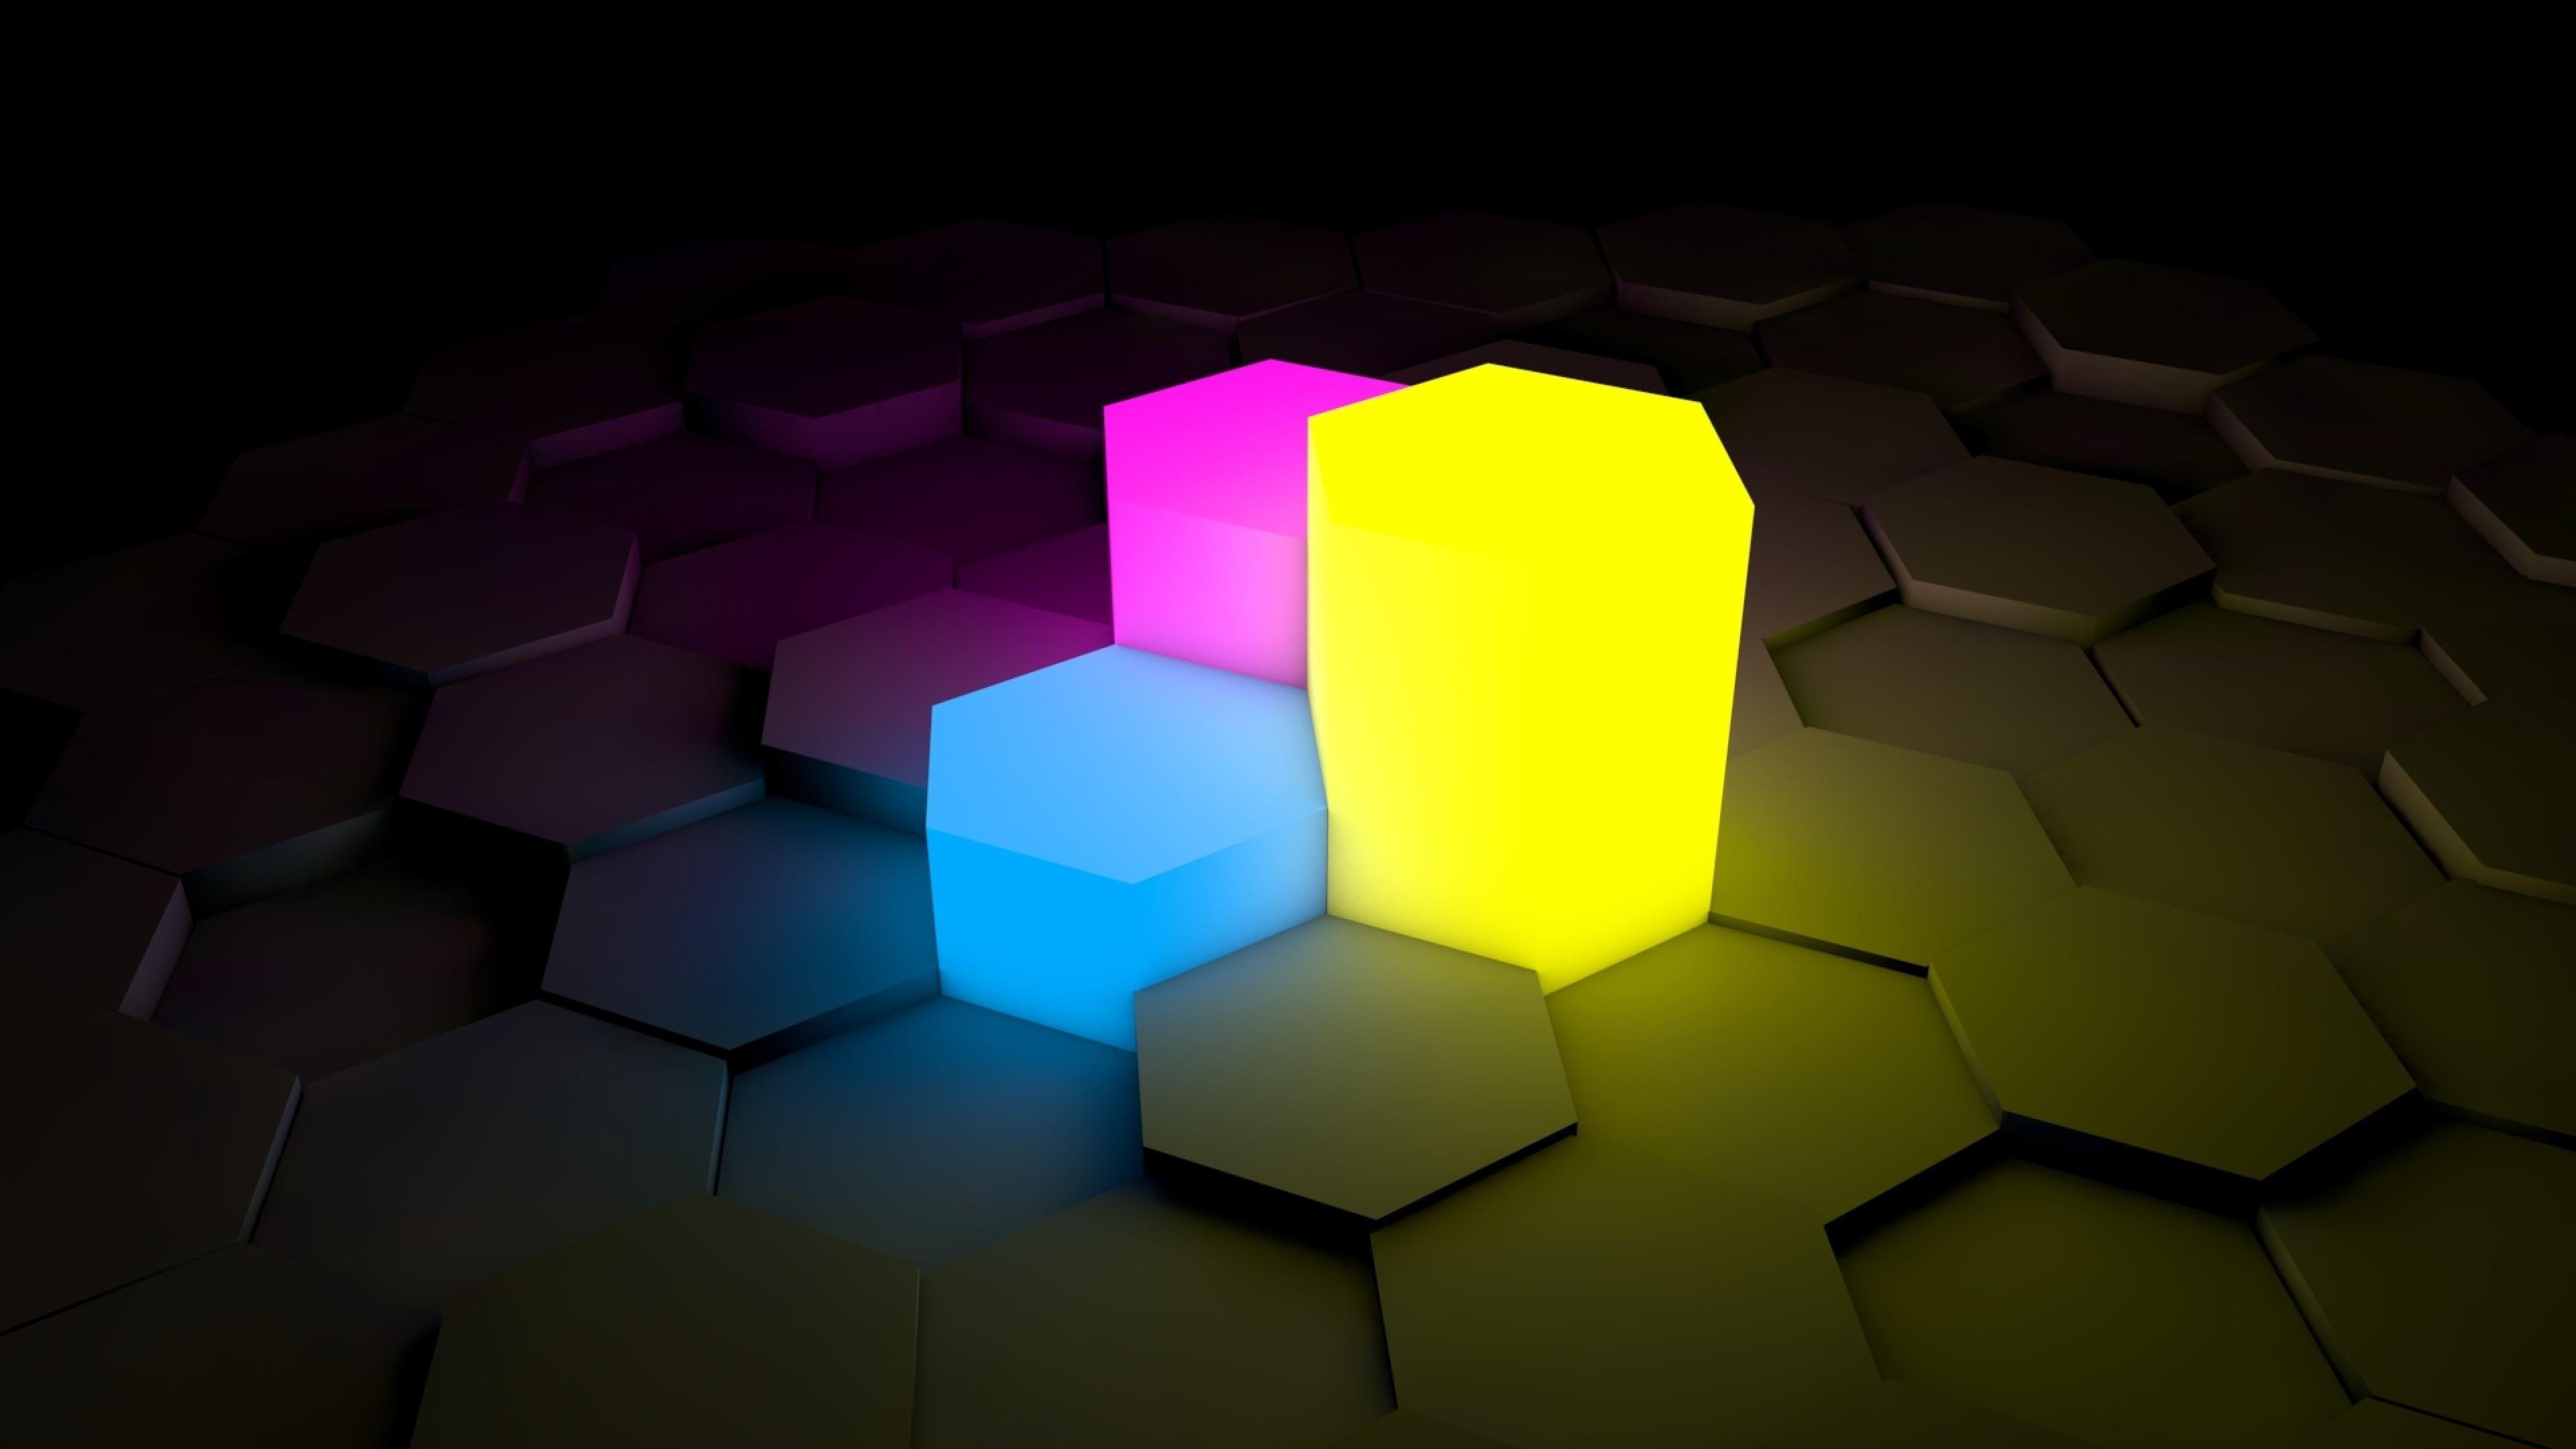 Wallpaper 3d Blocks Blue Pink Yellow Dark Abstract Hexagon Shining Neon Wallpaper Computer Wallpaper Hd 3d Wallpaper Hd 1080p